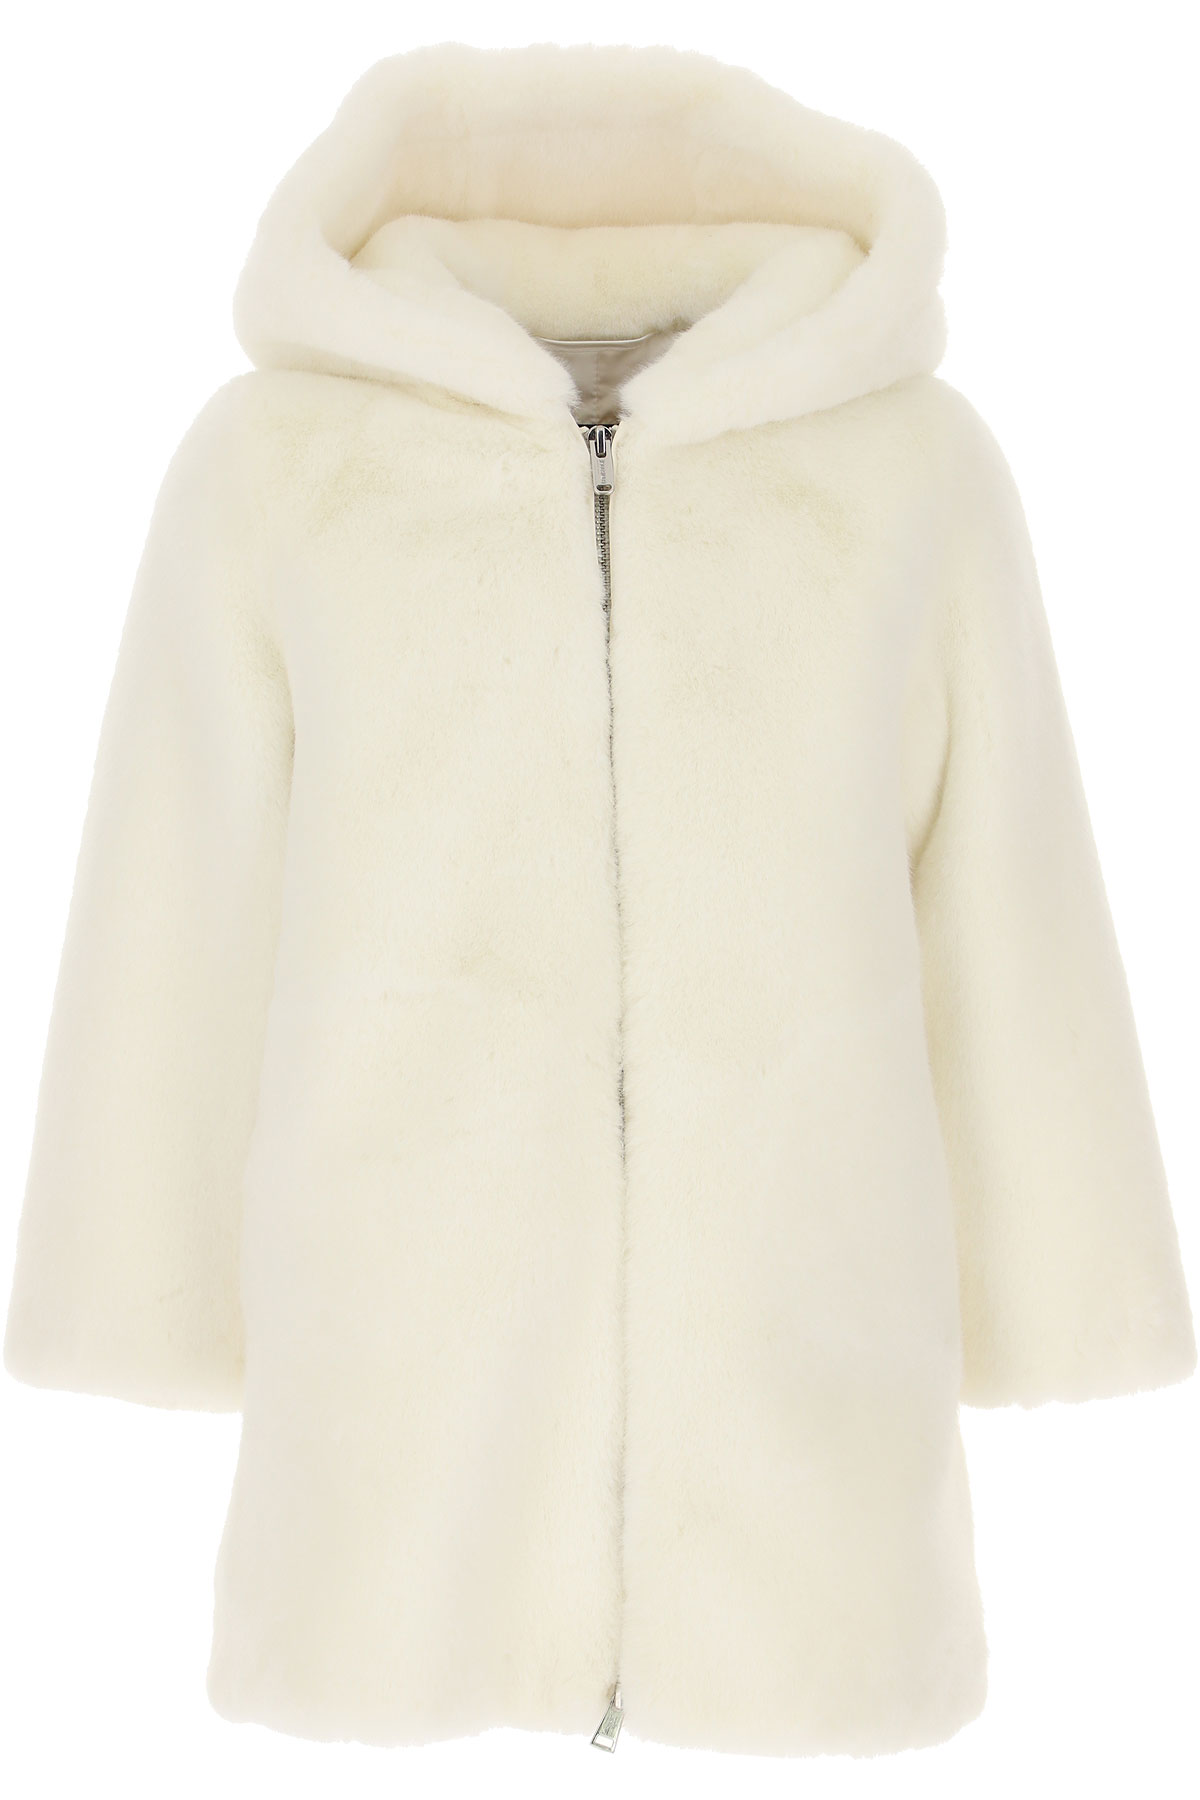 Bomboogie {DESIGNER} Kids Coat for Girls On Sale, White, polyester, 2019, 2Y 4Y 6Y